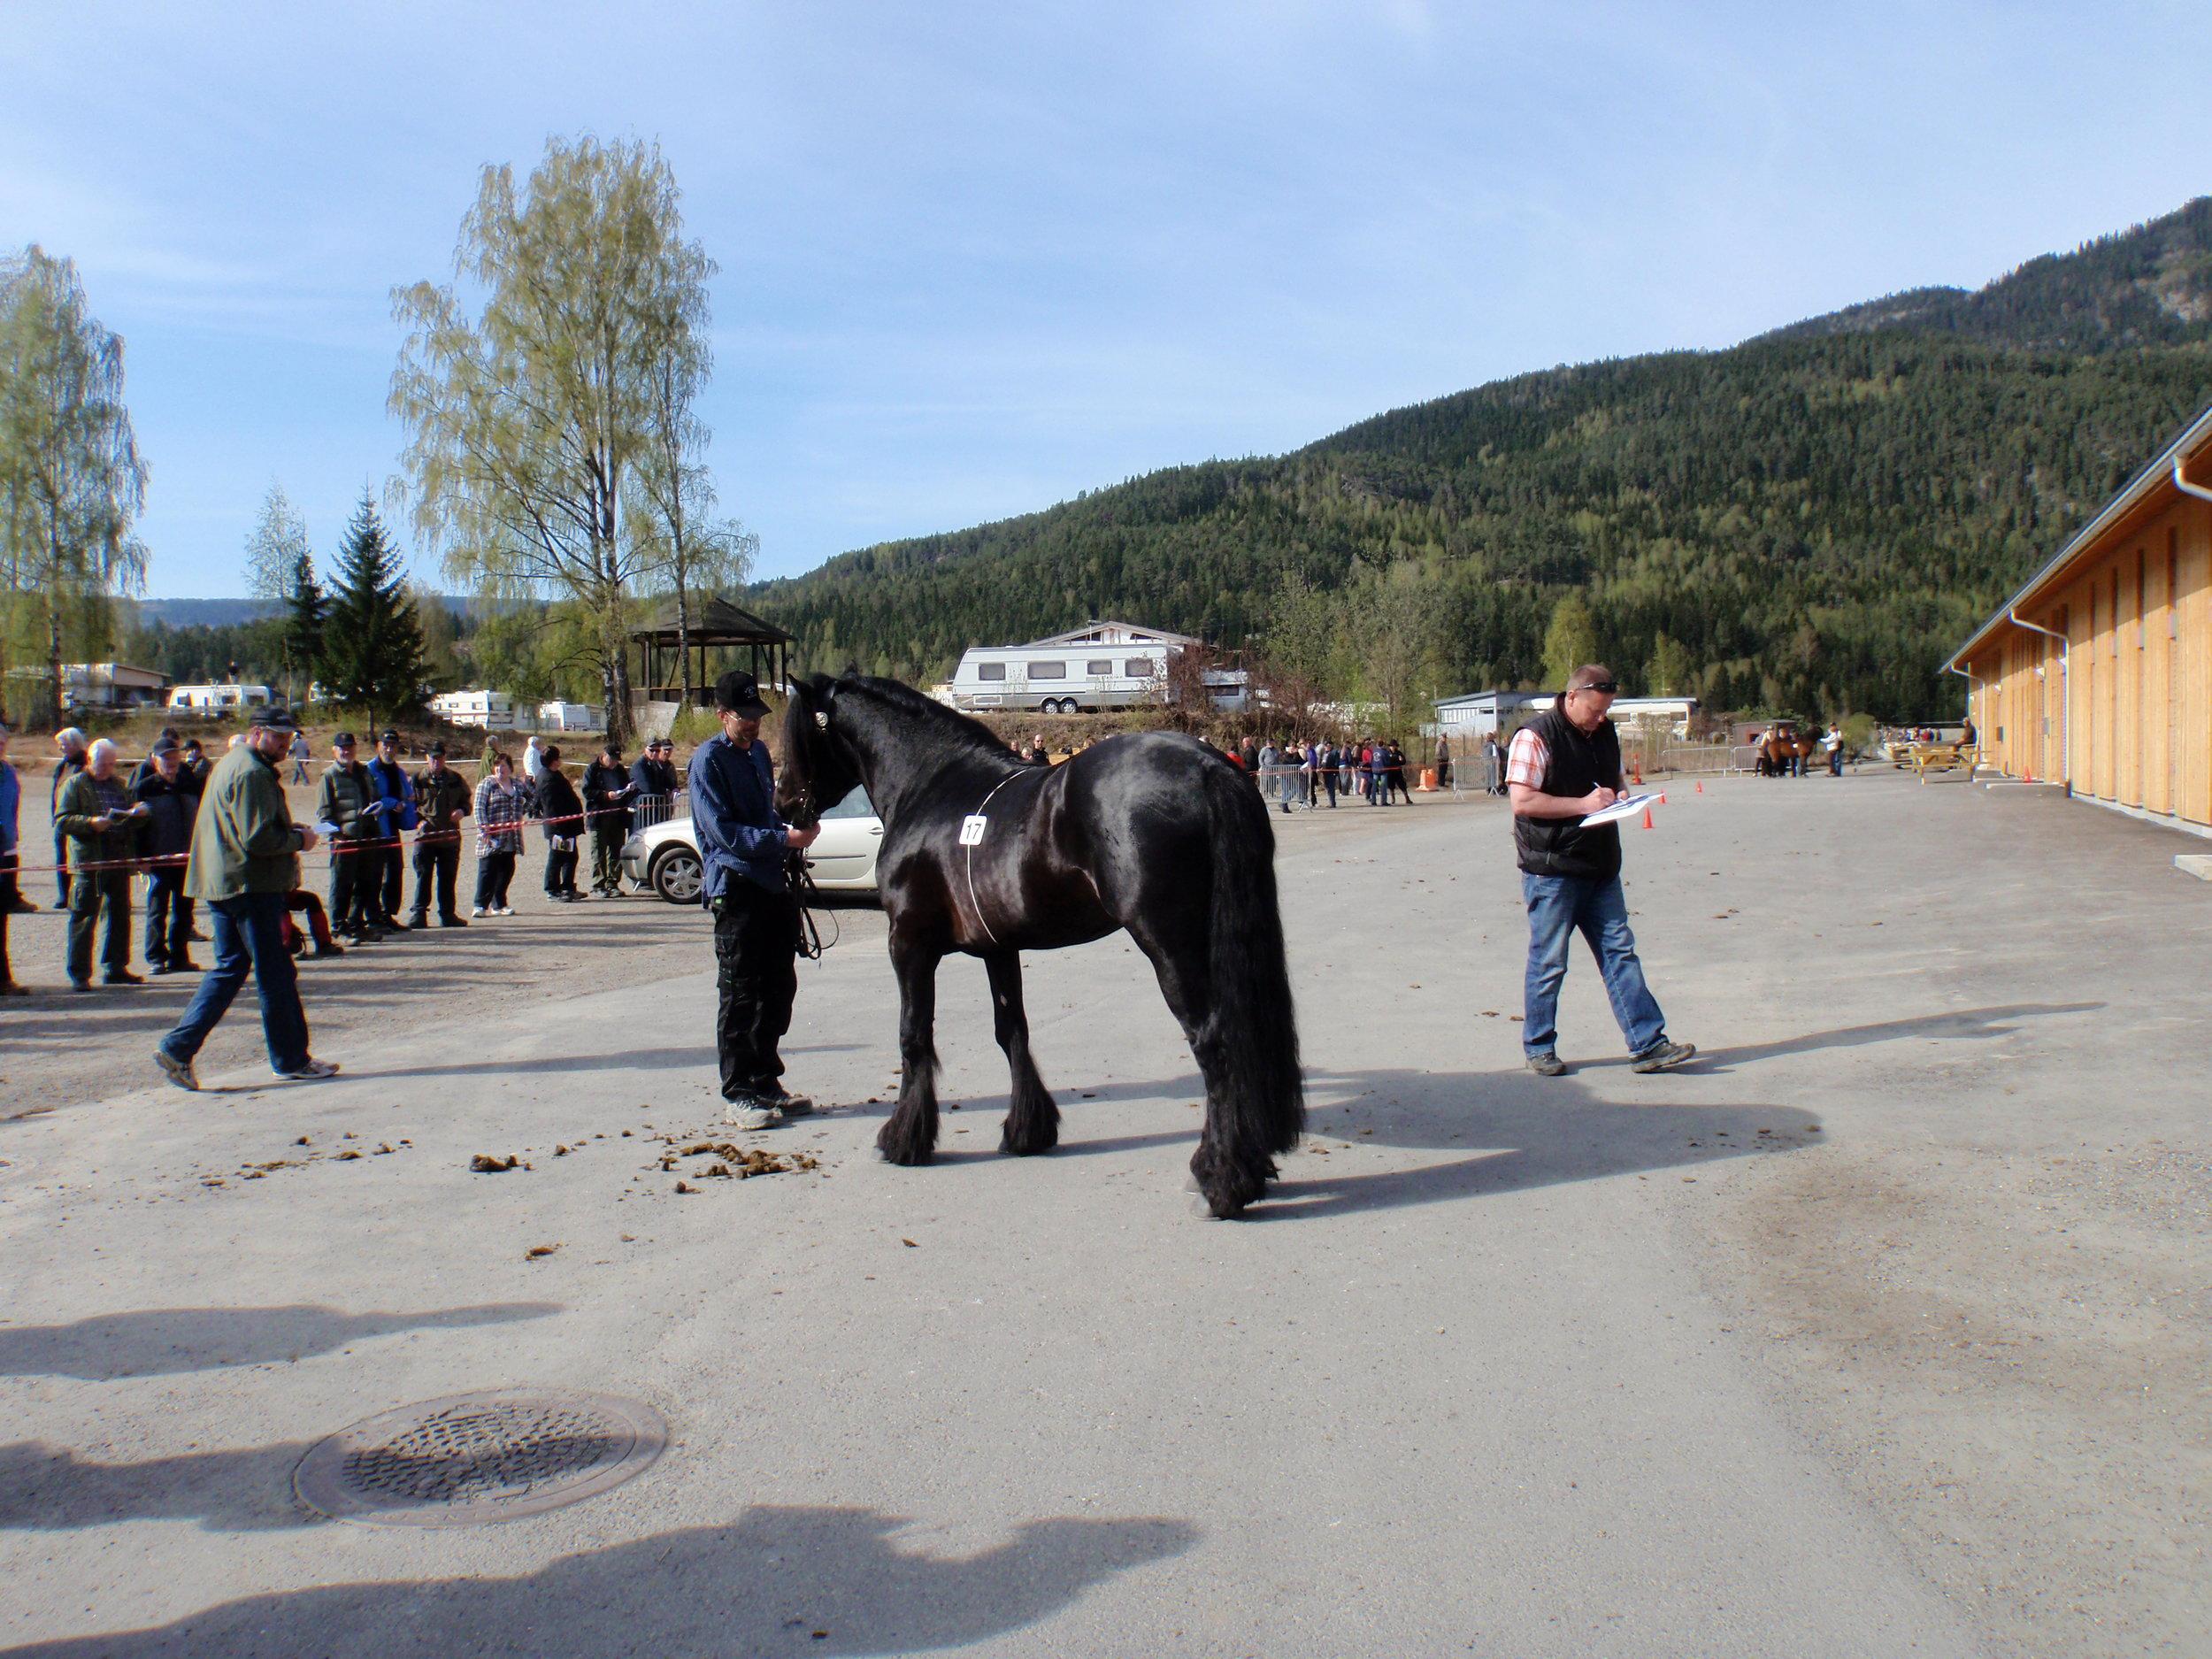 2011: Haugajo 2. premie, kåret på Stav. Valgt ut til å gå i Bristol, Sikkilsdalen med hoppefølge.